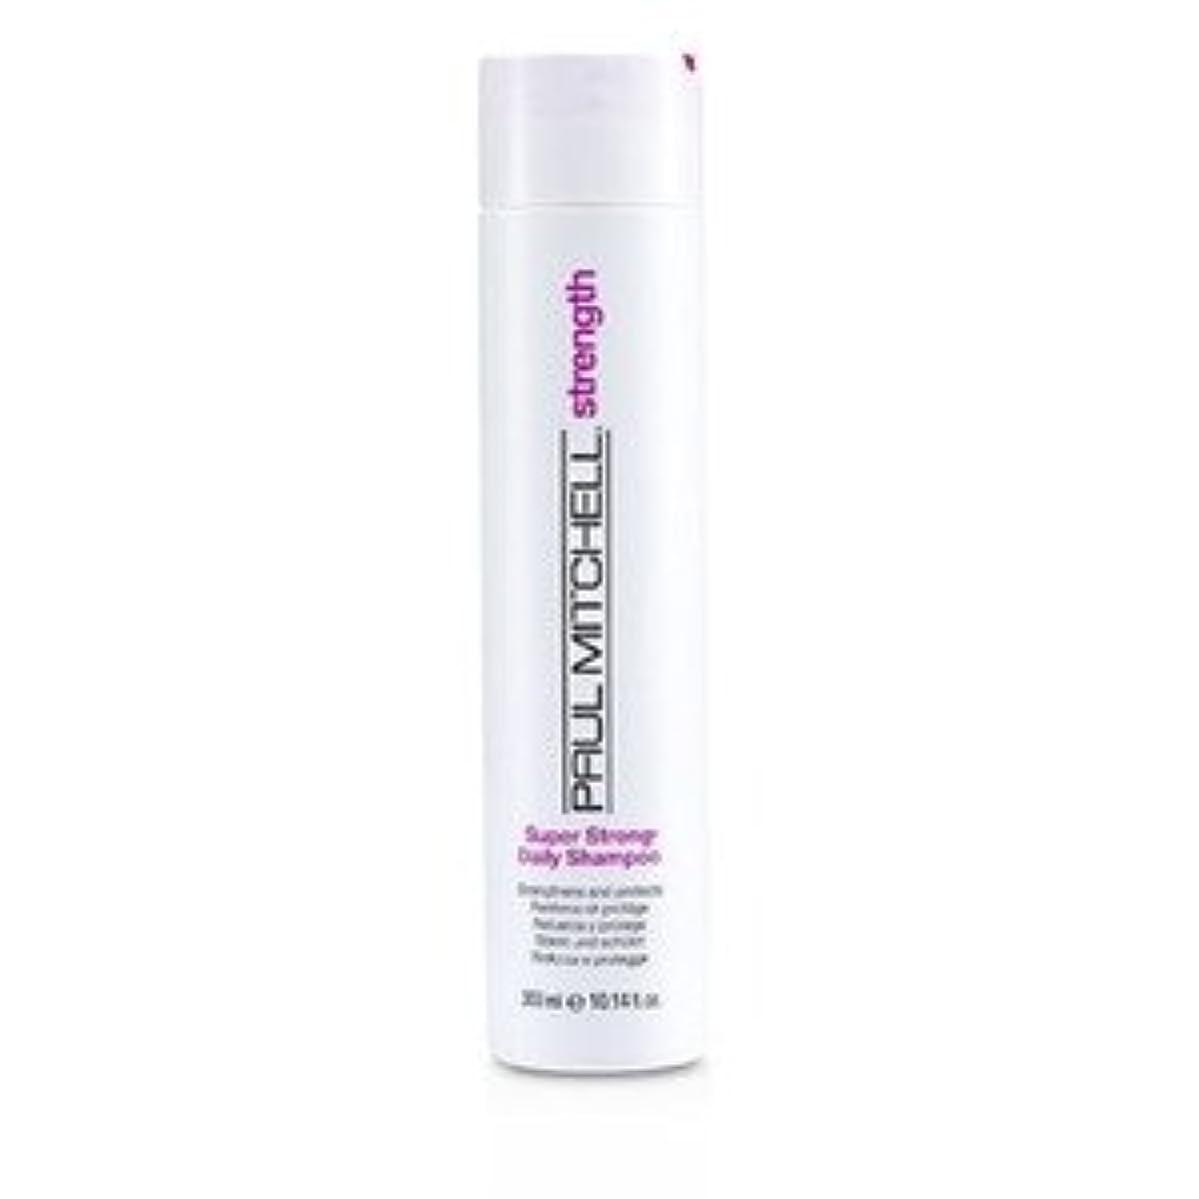 してはいけません最小化する統治するPAUL MITCHELL(ポールミッチェル) Super Strong Daily Shampoo(Strengtherns and Protects) 300ml/10.14oz [並行輸入品]